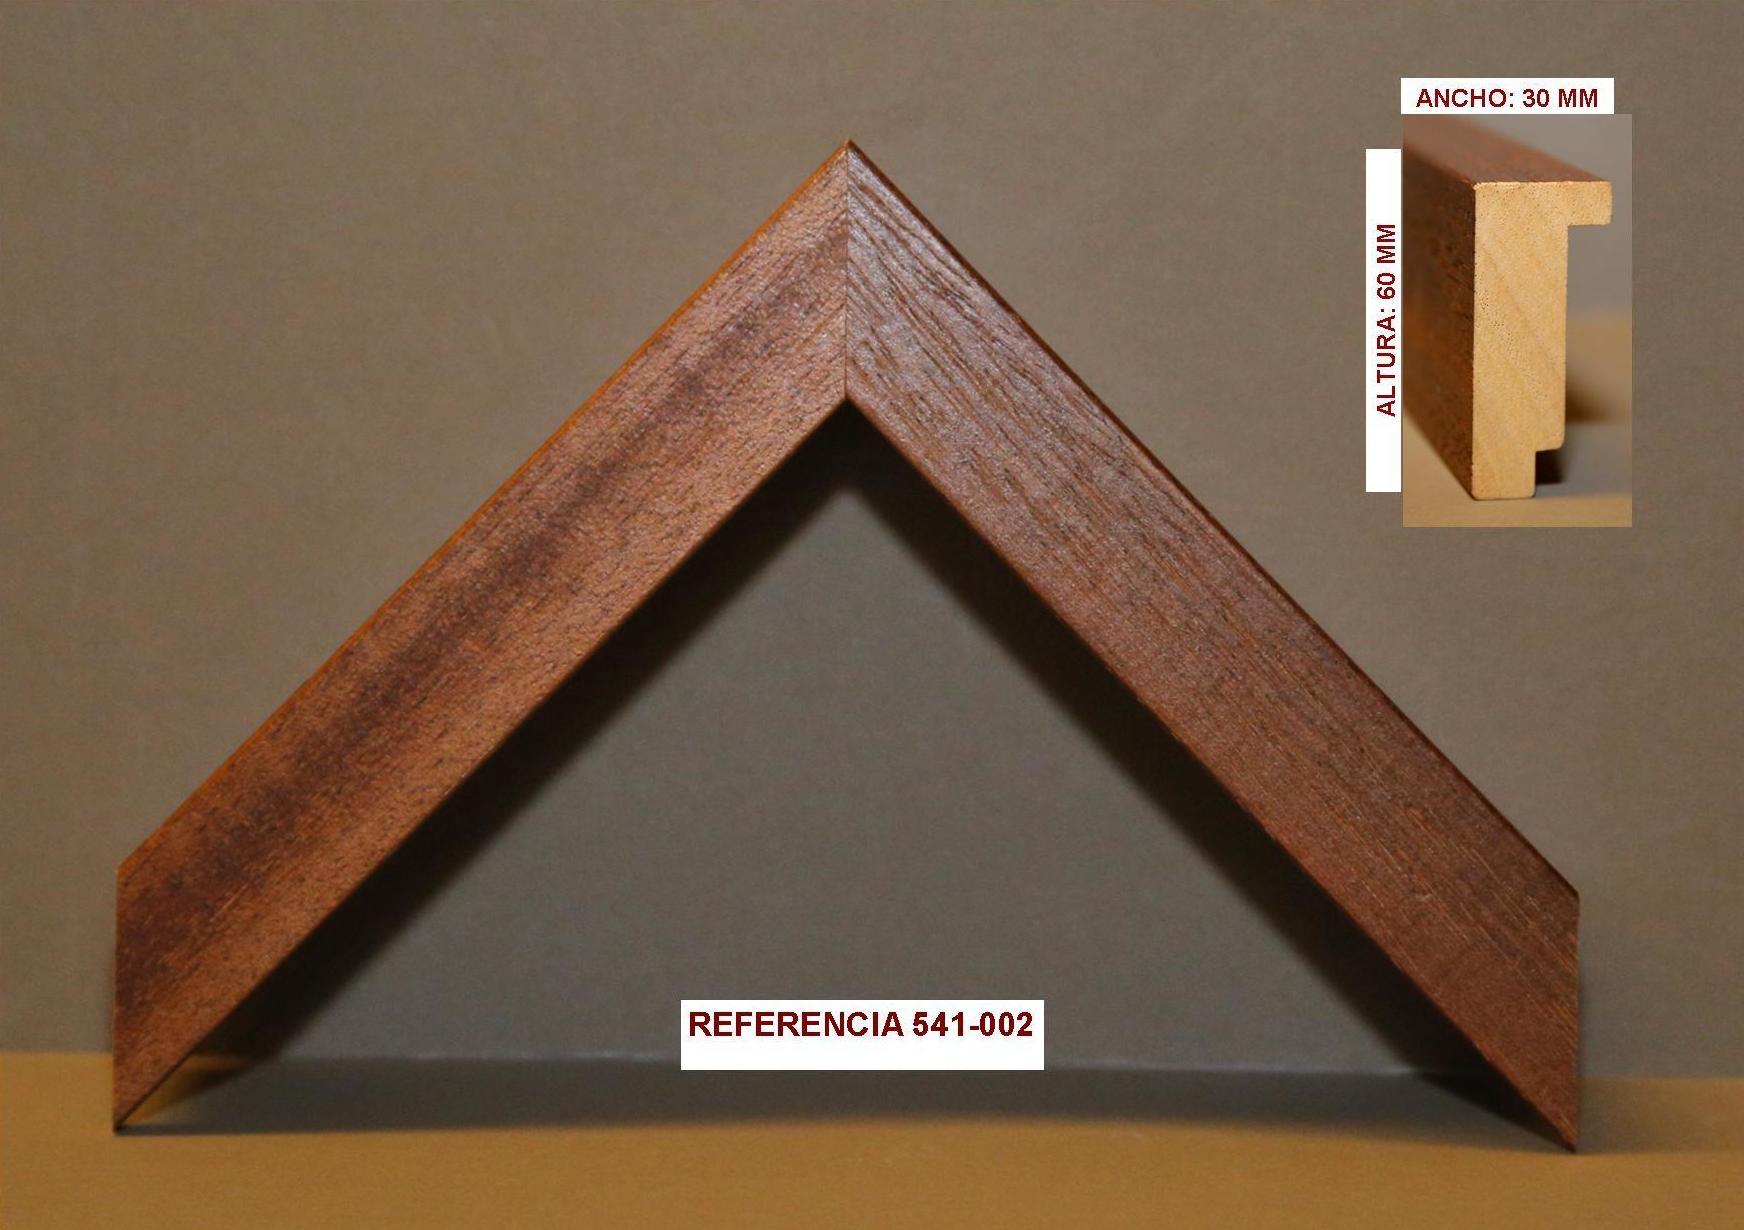 REF 541-002: Muestrario de Moldusevilla